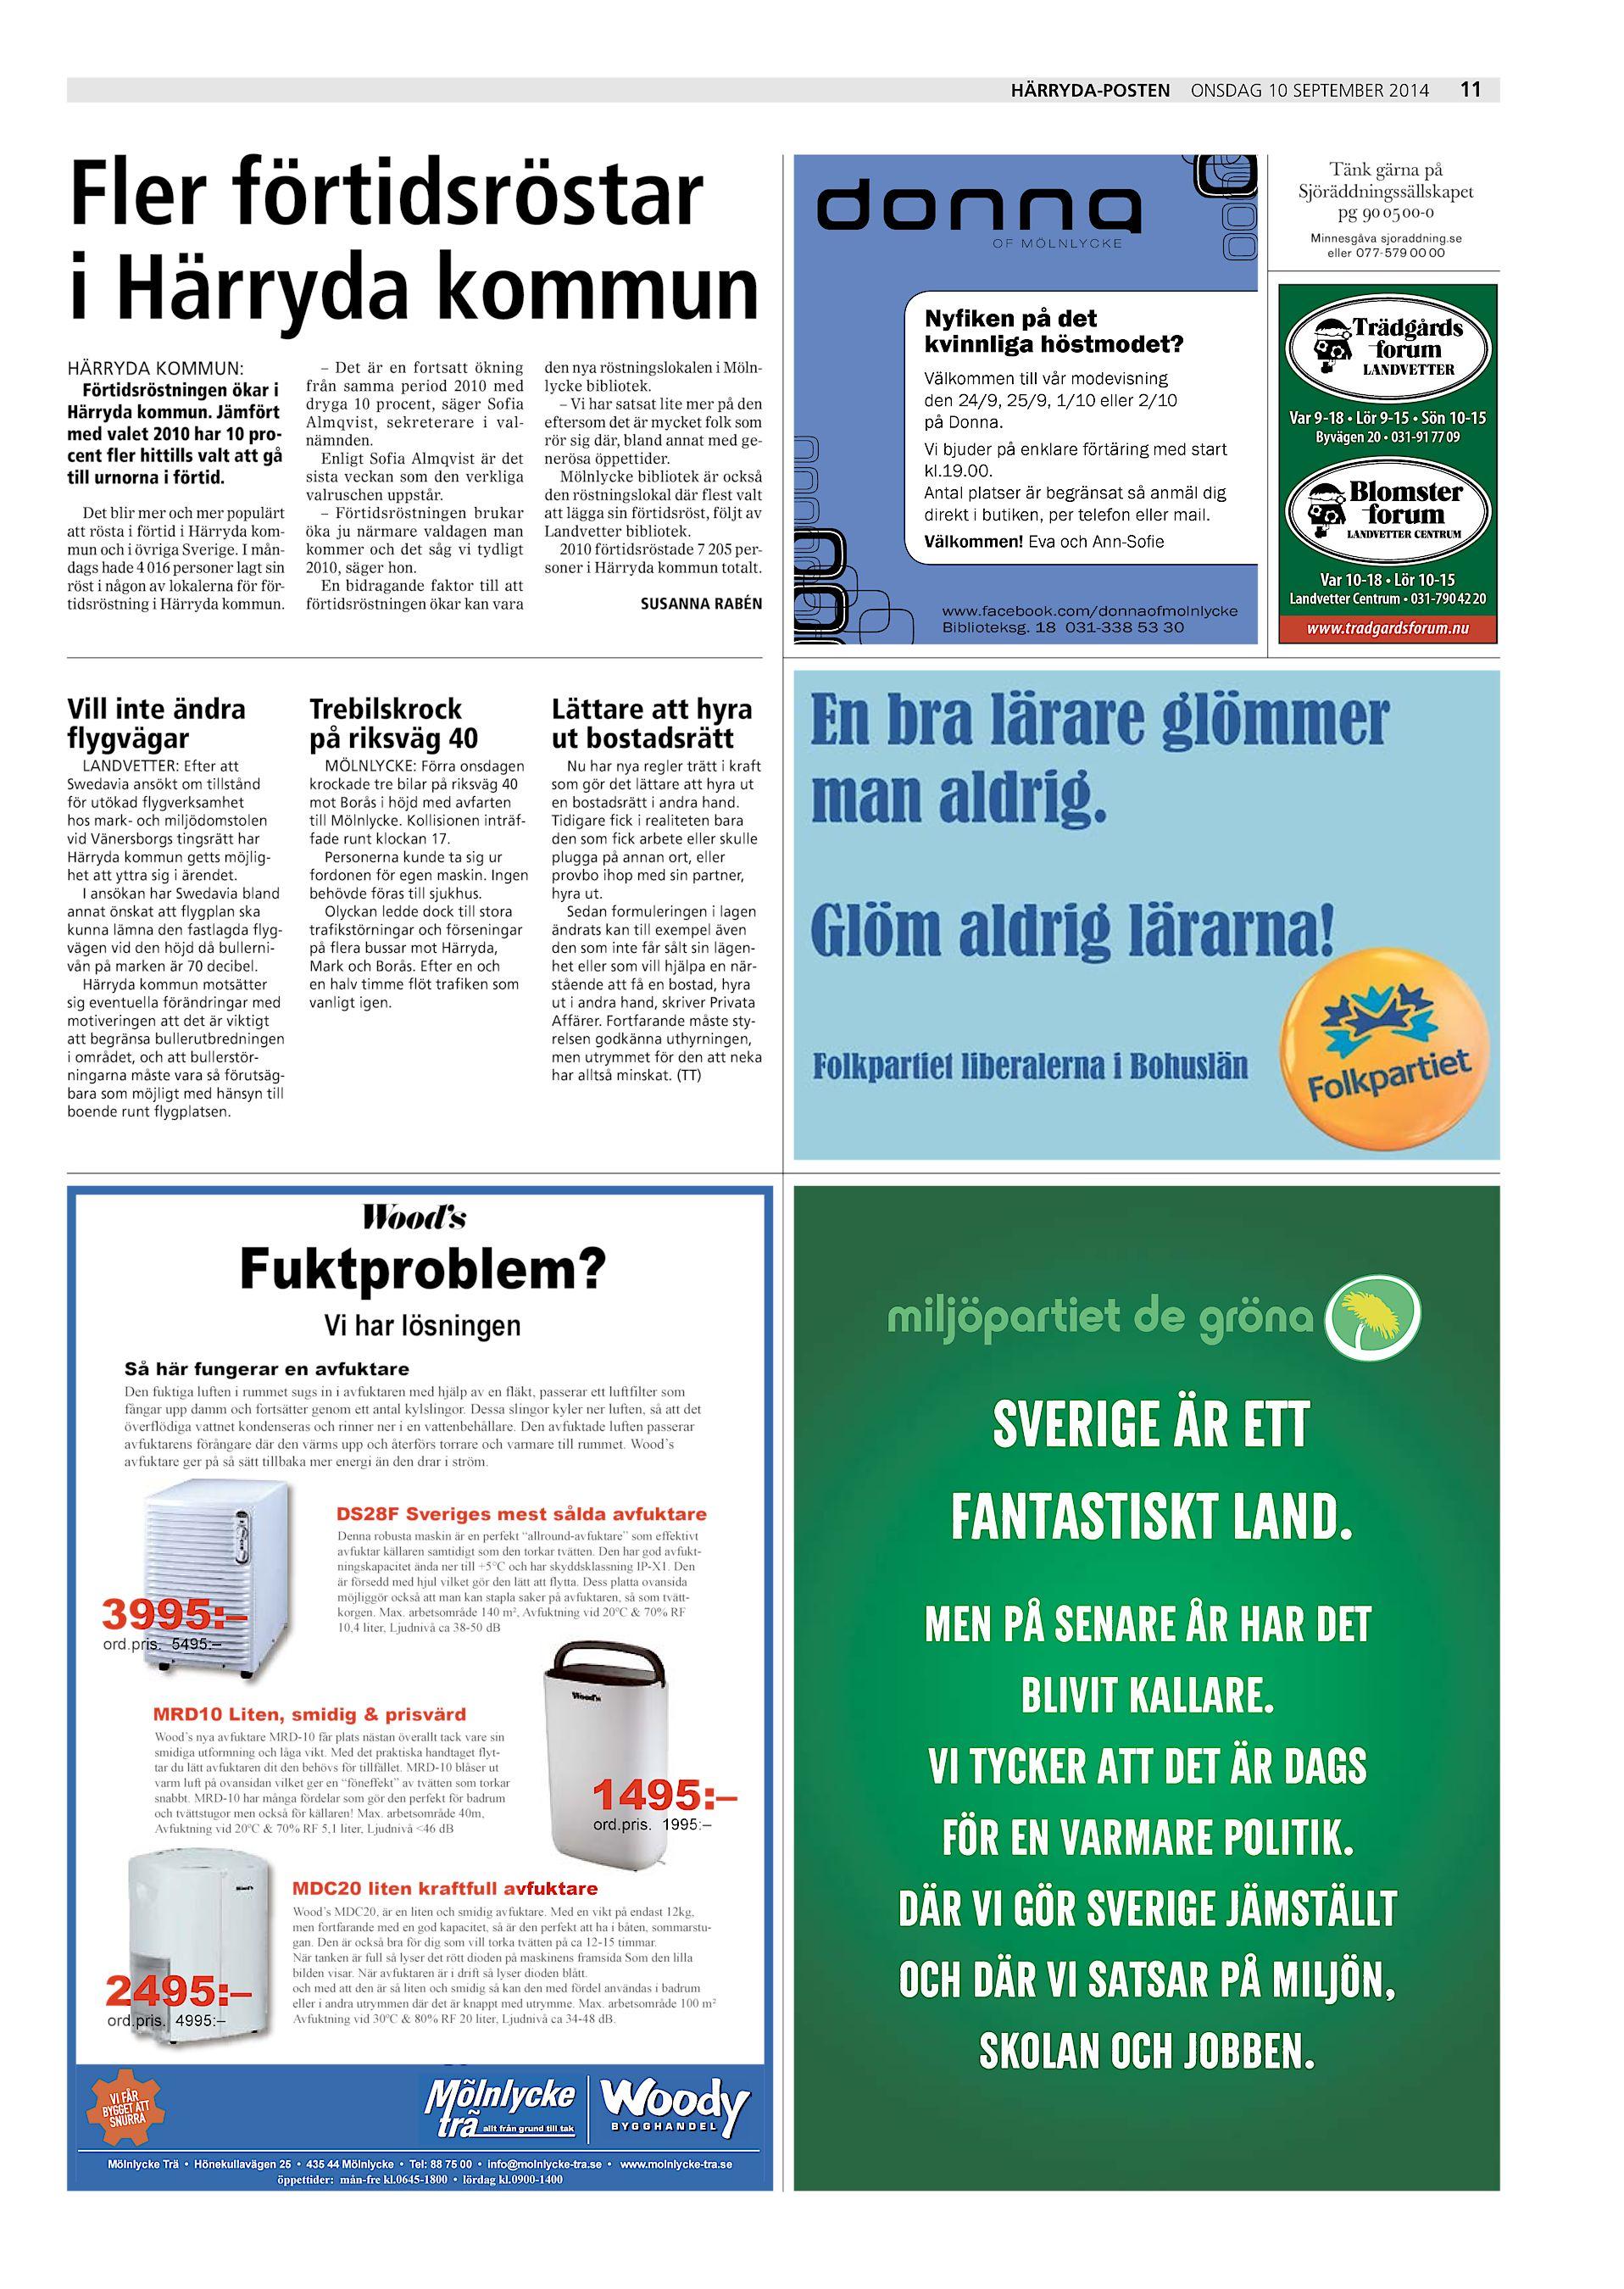 Härryda-Posten Fler förtidsröstar i Härryda kommun HÄRRYDA KOMMUN   Förtidsröstningen ökar i Härryda kommun. Jämfört med valet 2010 har 10  procent fler ... 2ecff69d81b81